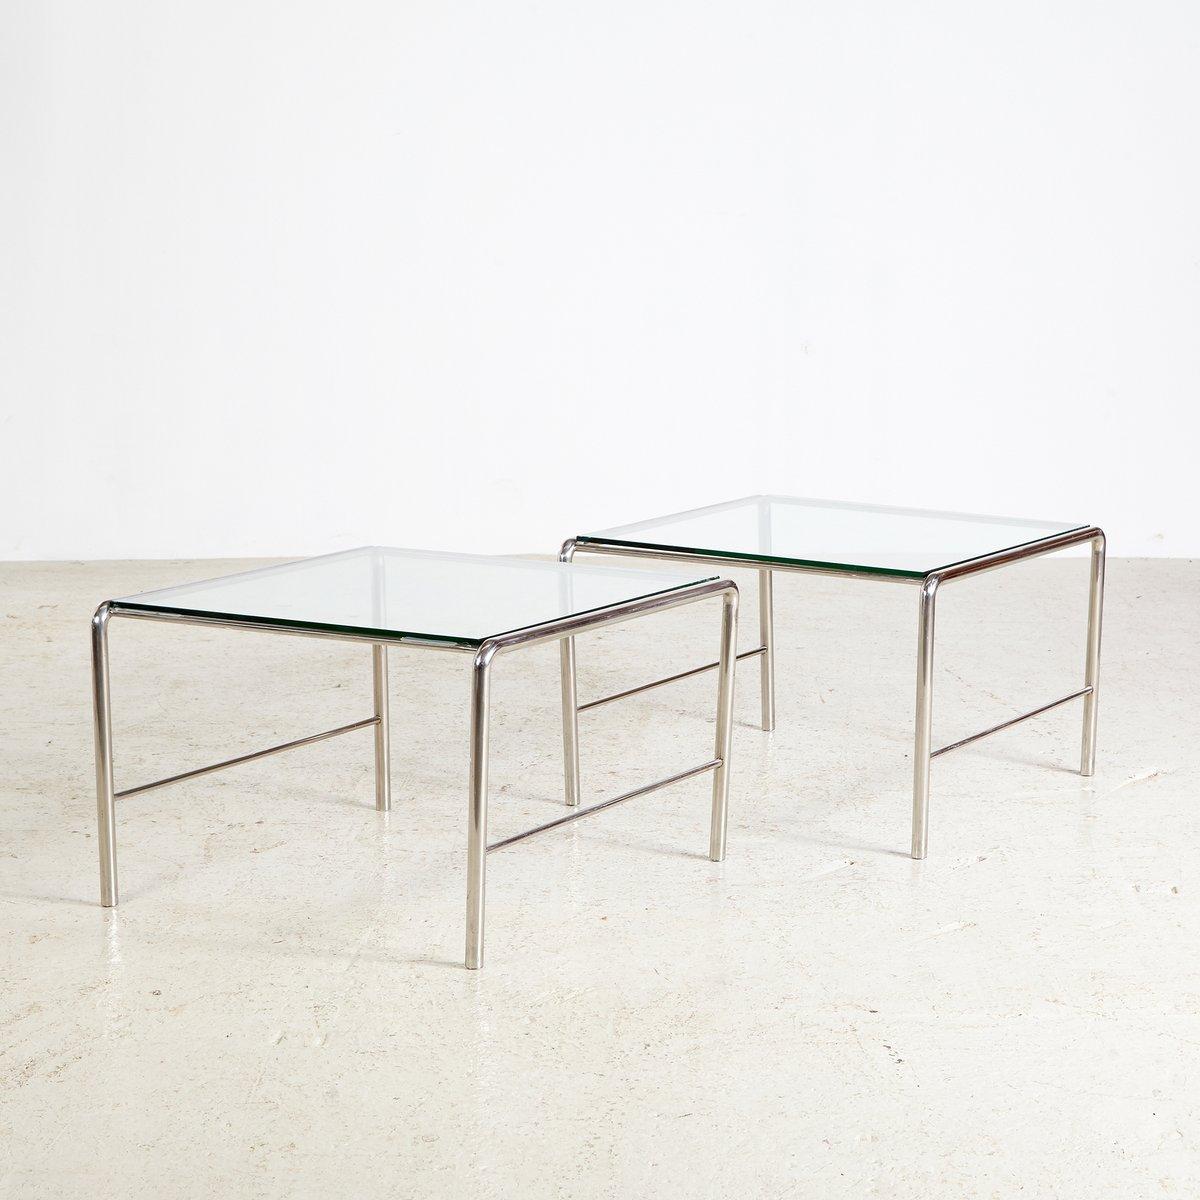 table basse lc3 vintage avec cadre en chrome et plateau en verre par le corbusier pour cassina. Black Bedroom Furniture Sets. Home Design Ideas